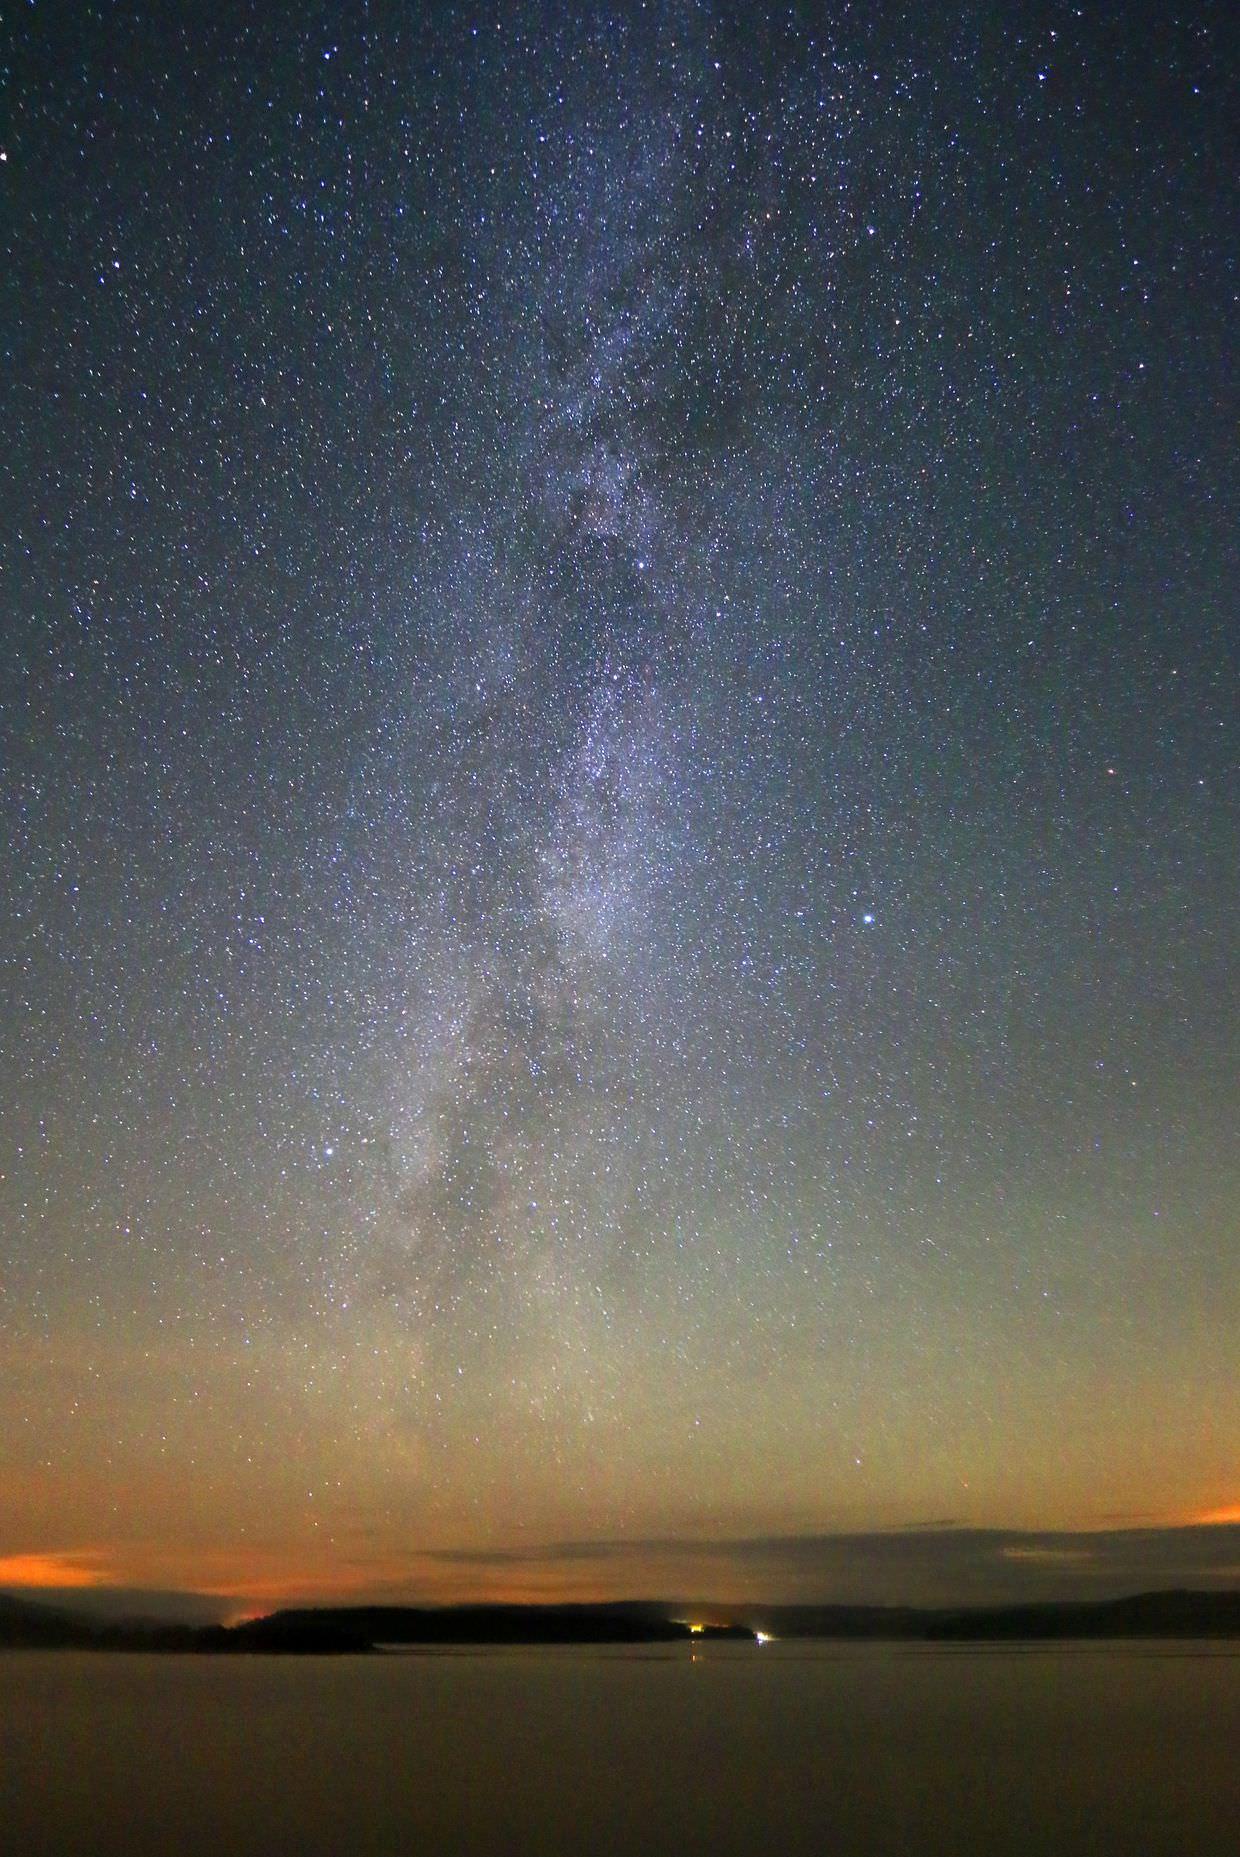 Milky Way over Kielder Water